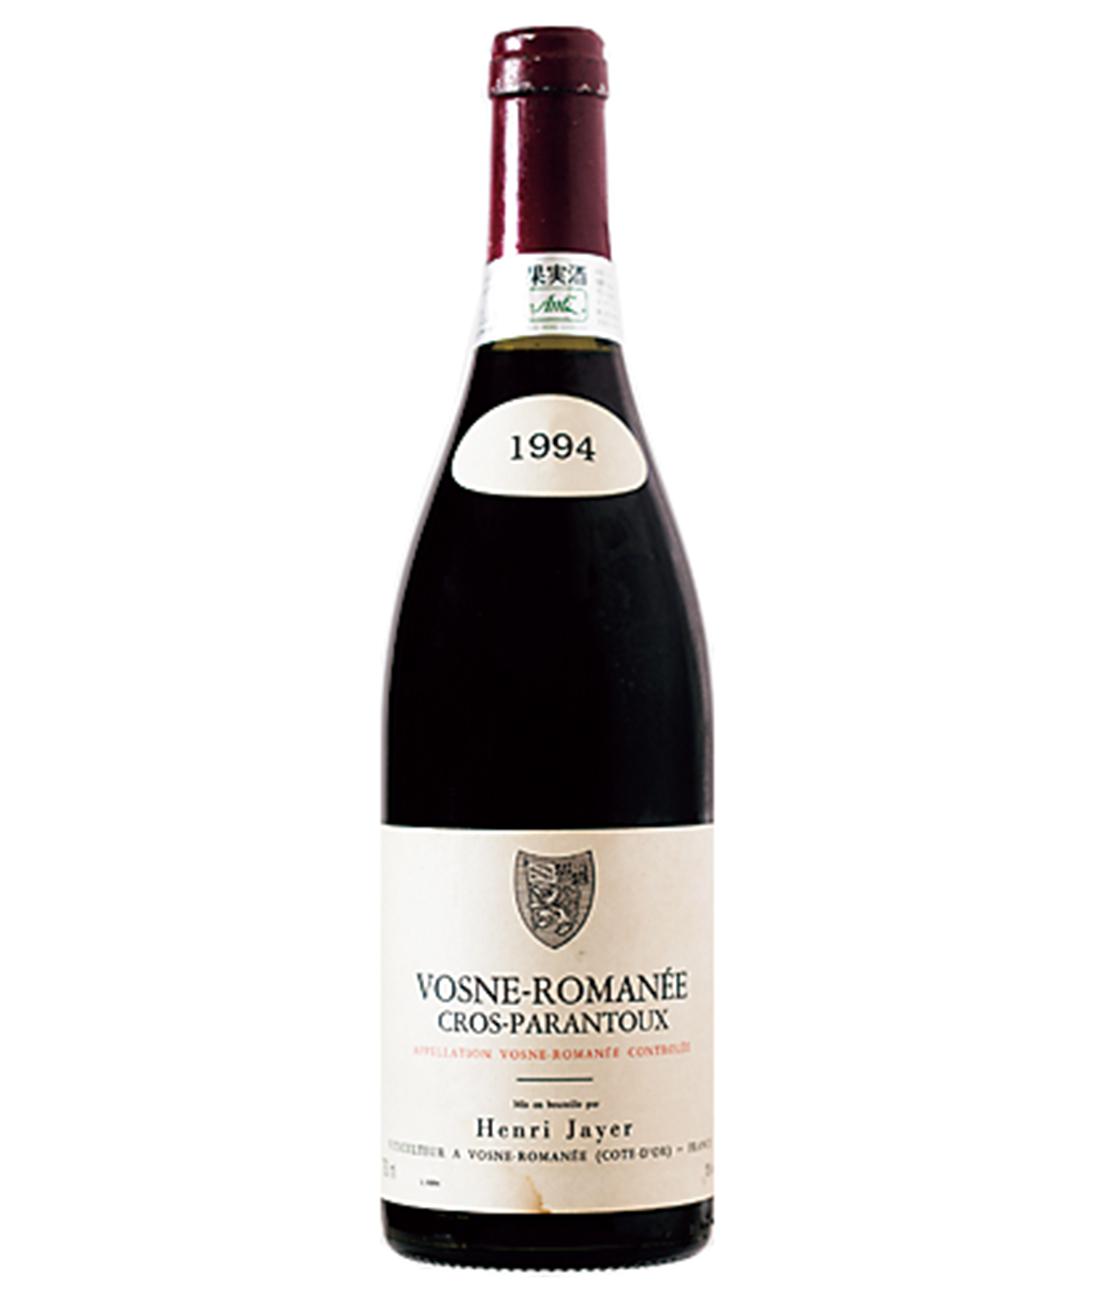 ヴォーヌ・ロマネ クロ・パラントゥ 1994 アンリ・ジャイエ